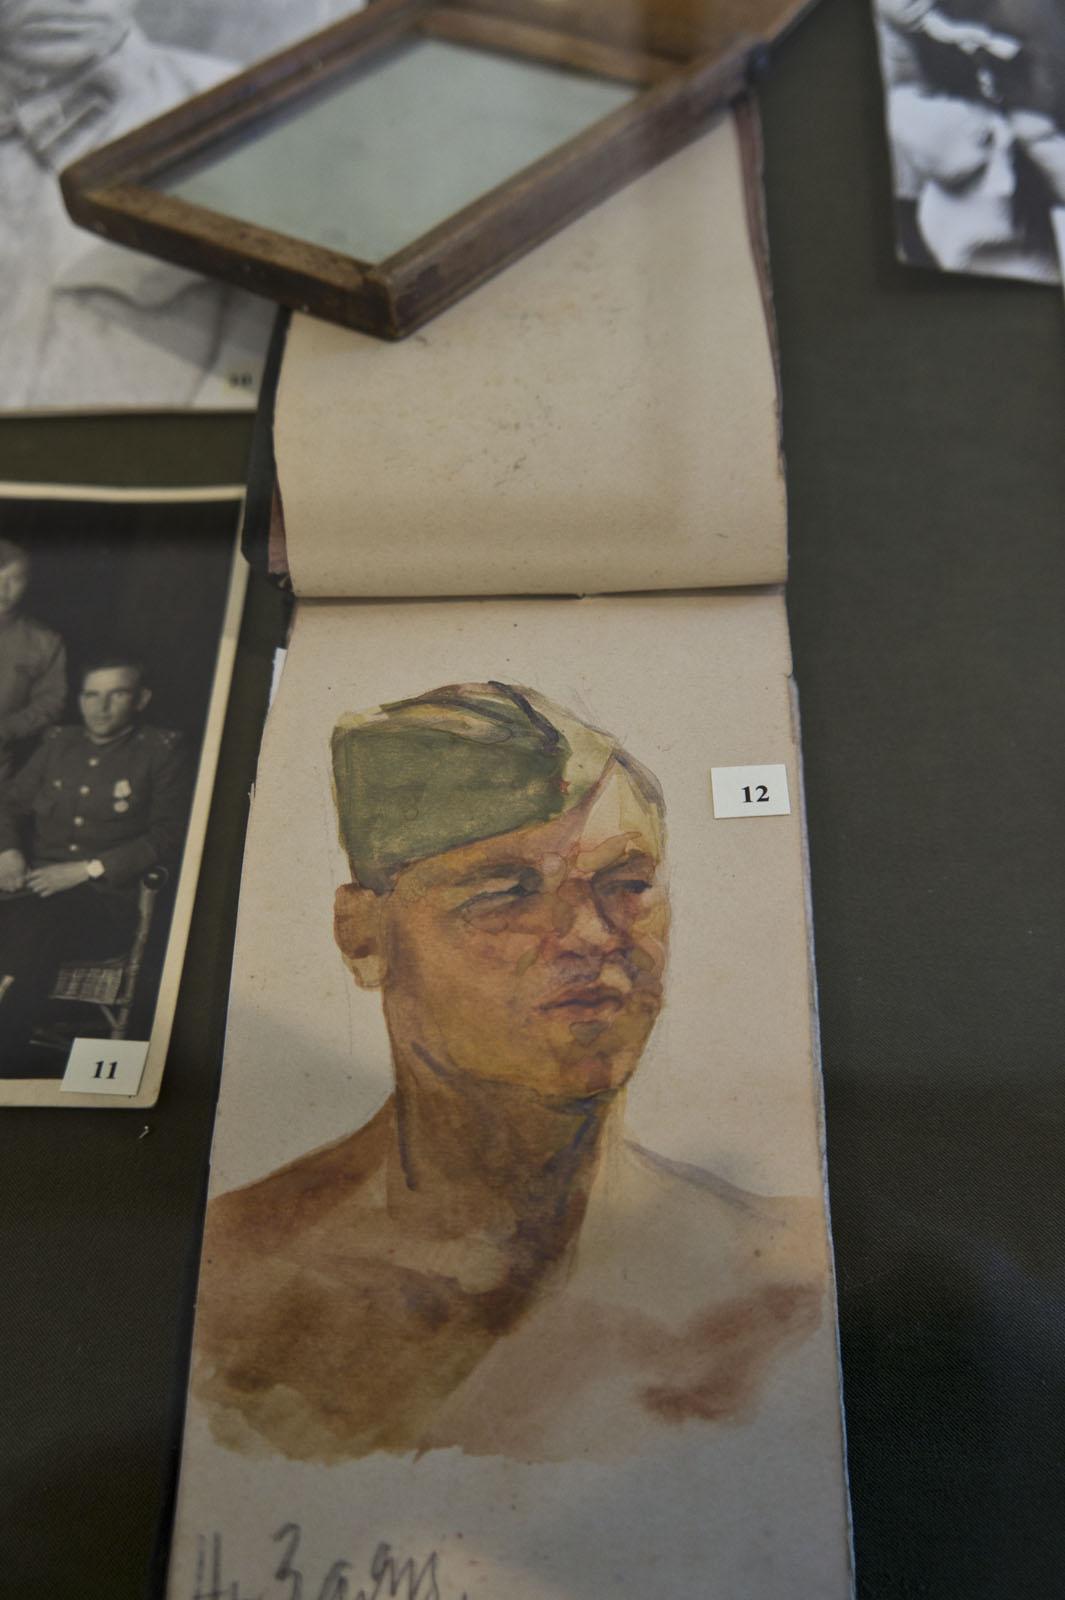 Фото №75826. Зеркало и самодельный блокнот Куделькина В.И., 1941-1945